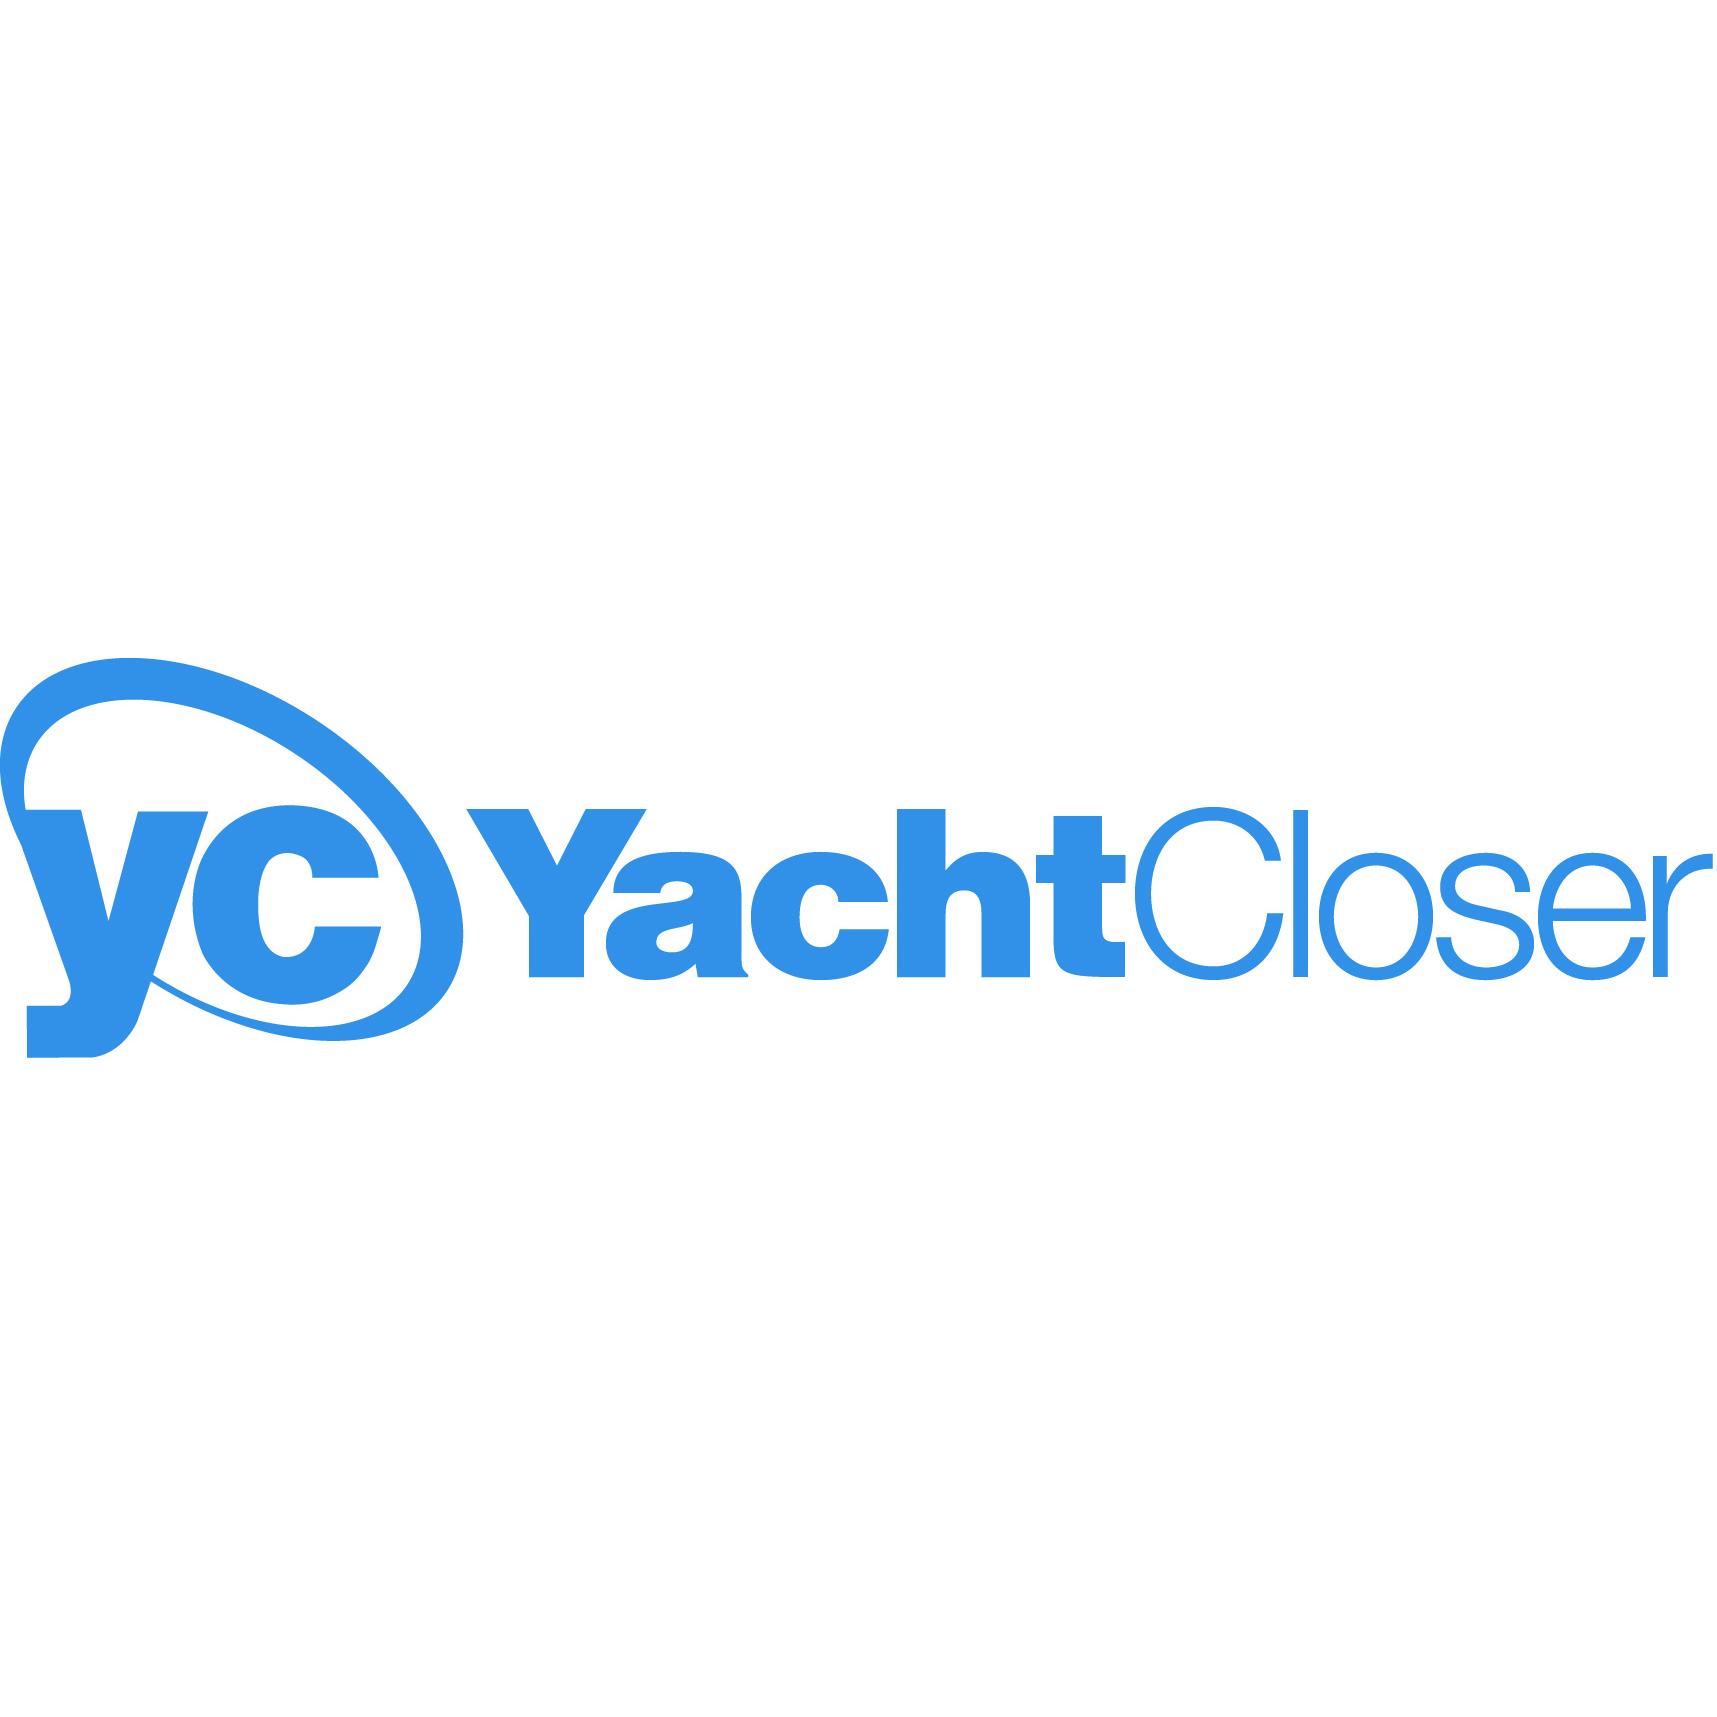 YachtCloser